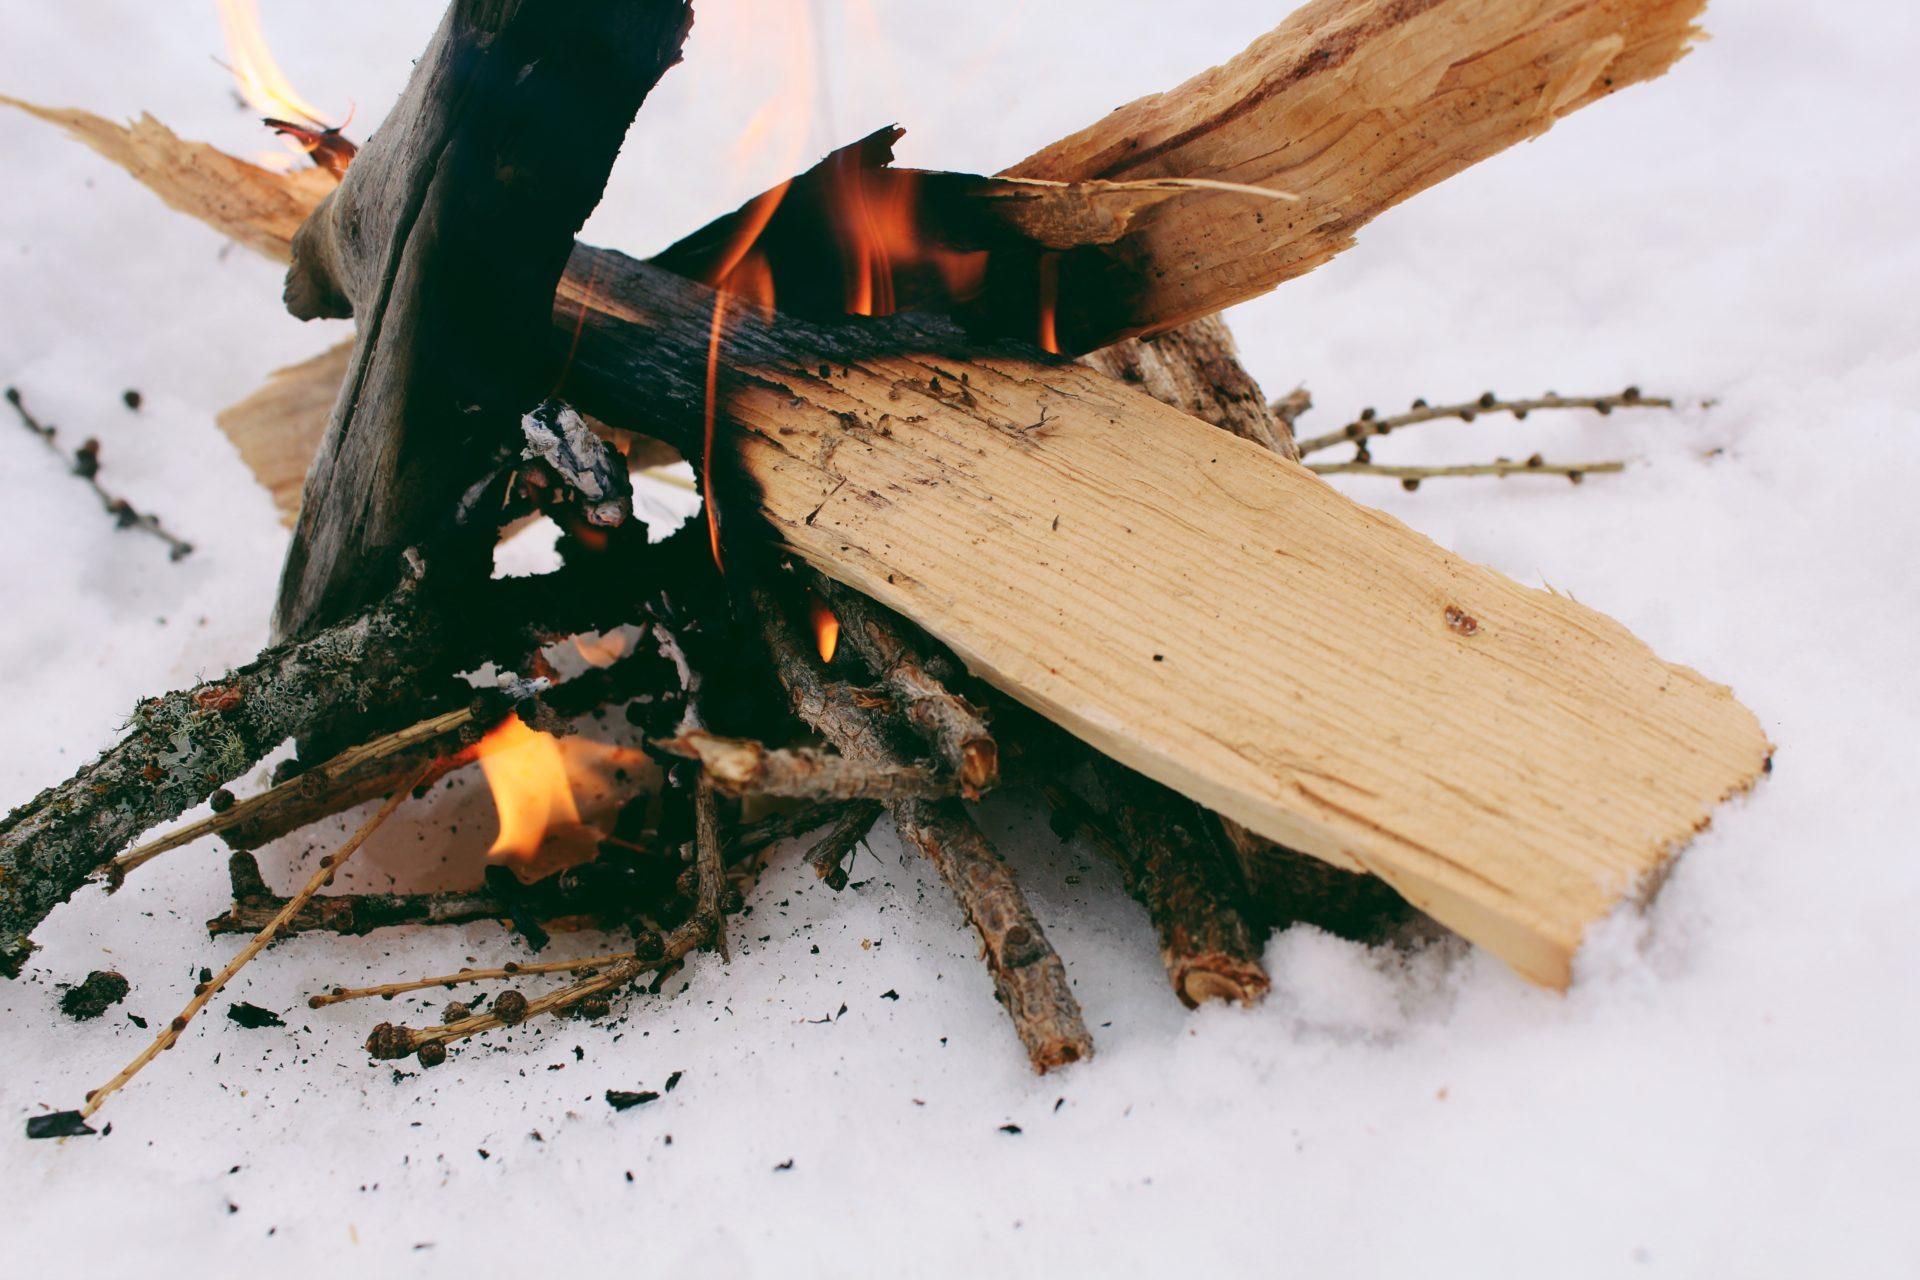 Fire. Credit: Raeanne O'Meara.